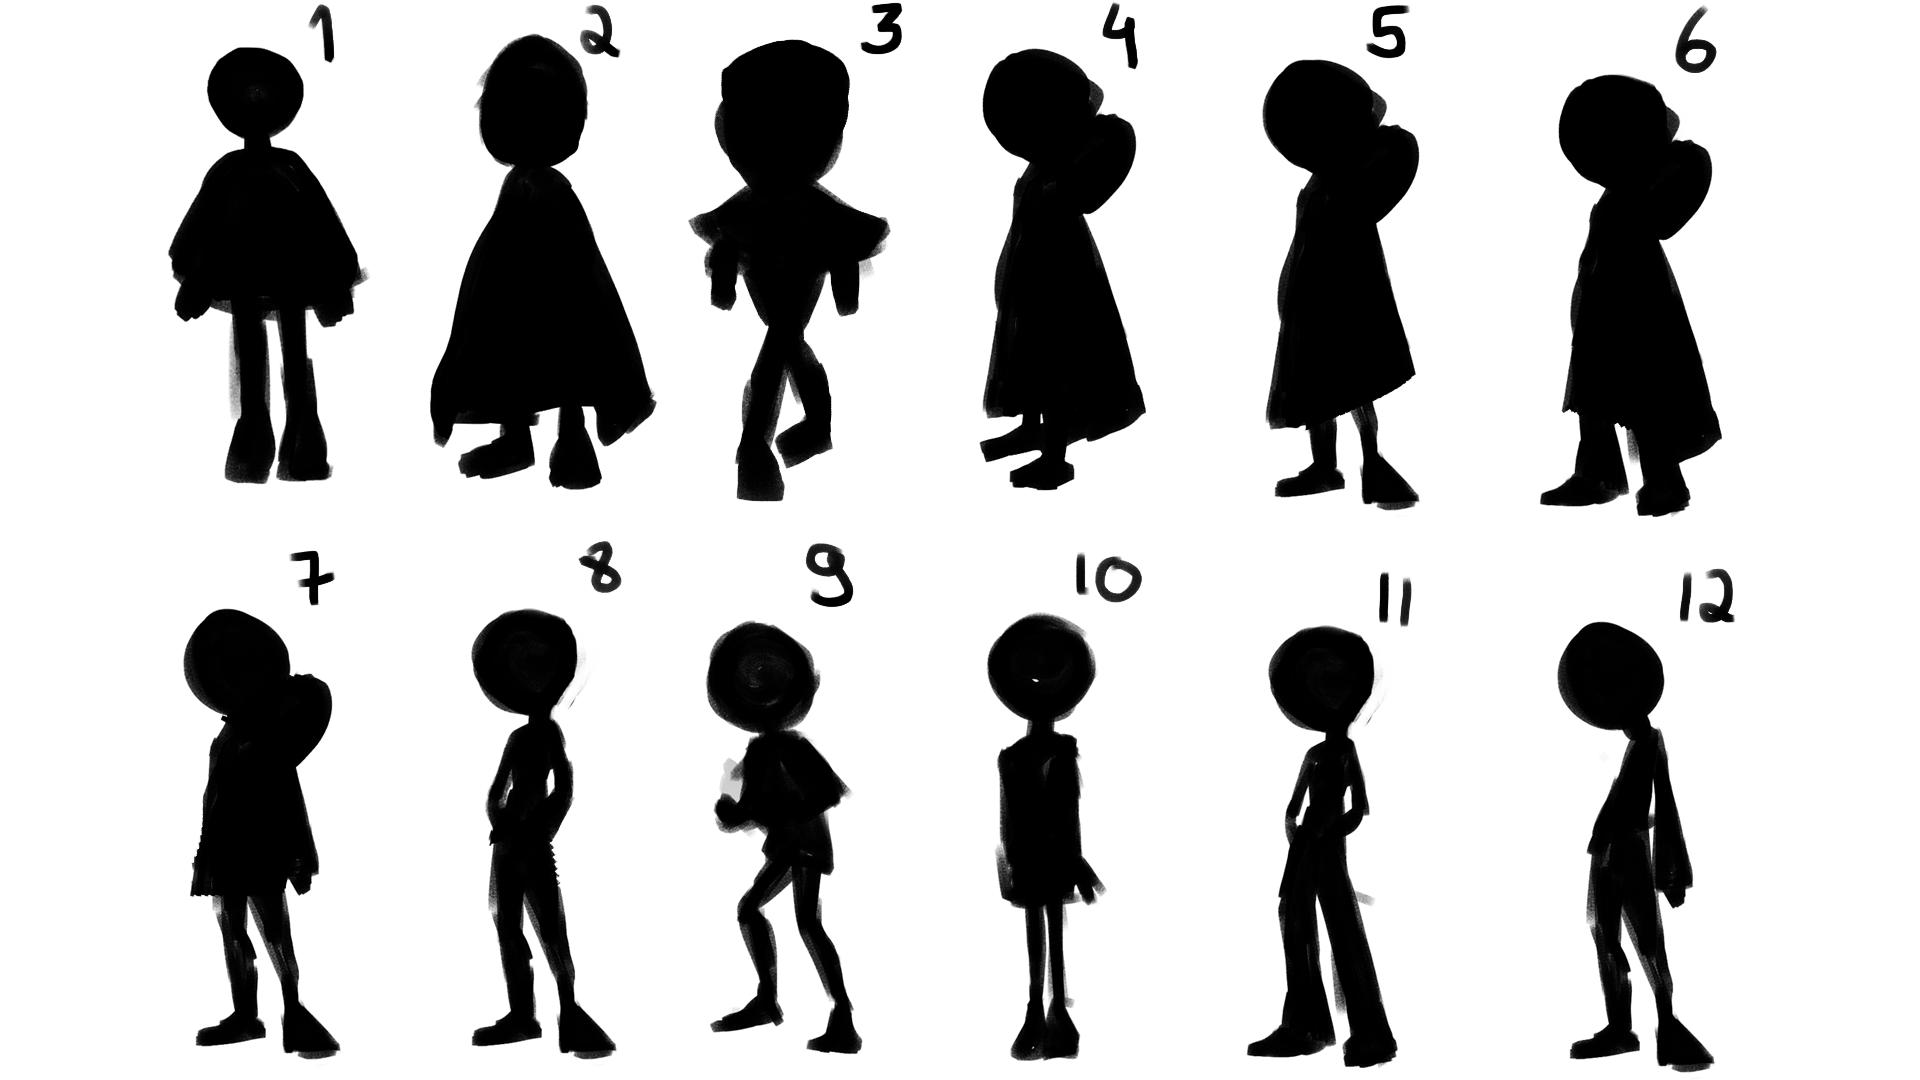 01 Character Thumbnail